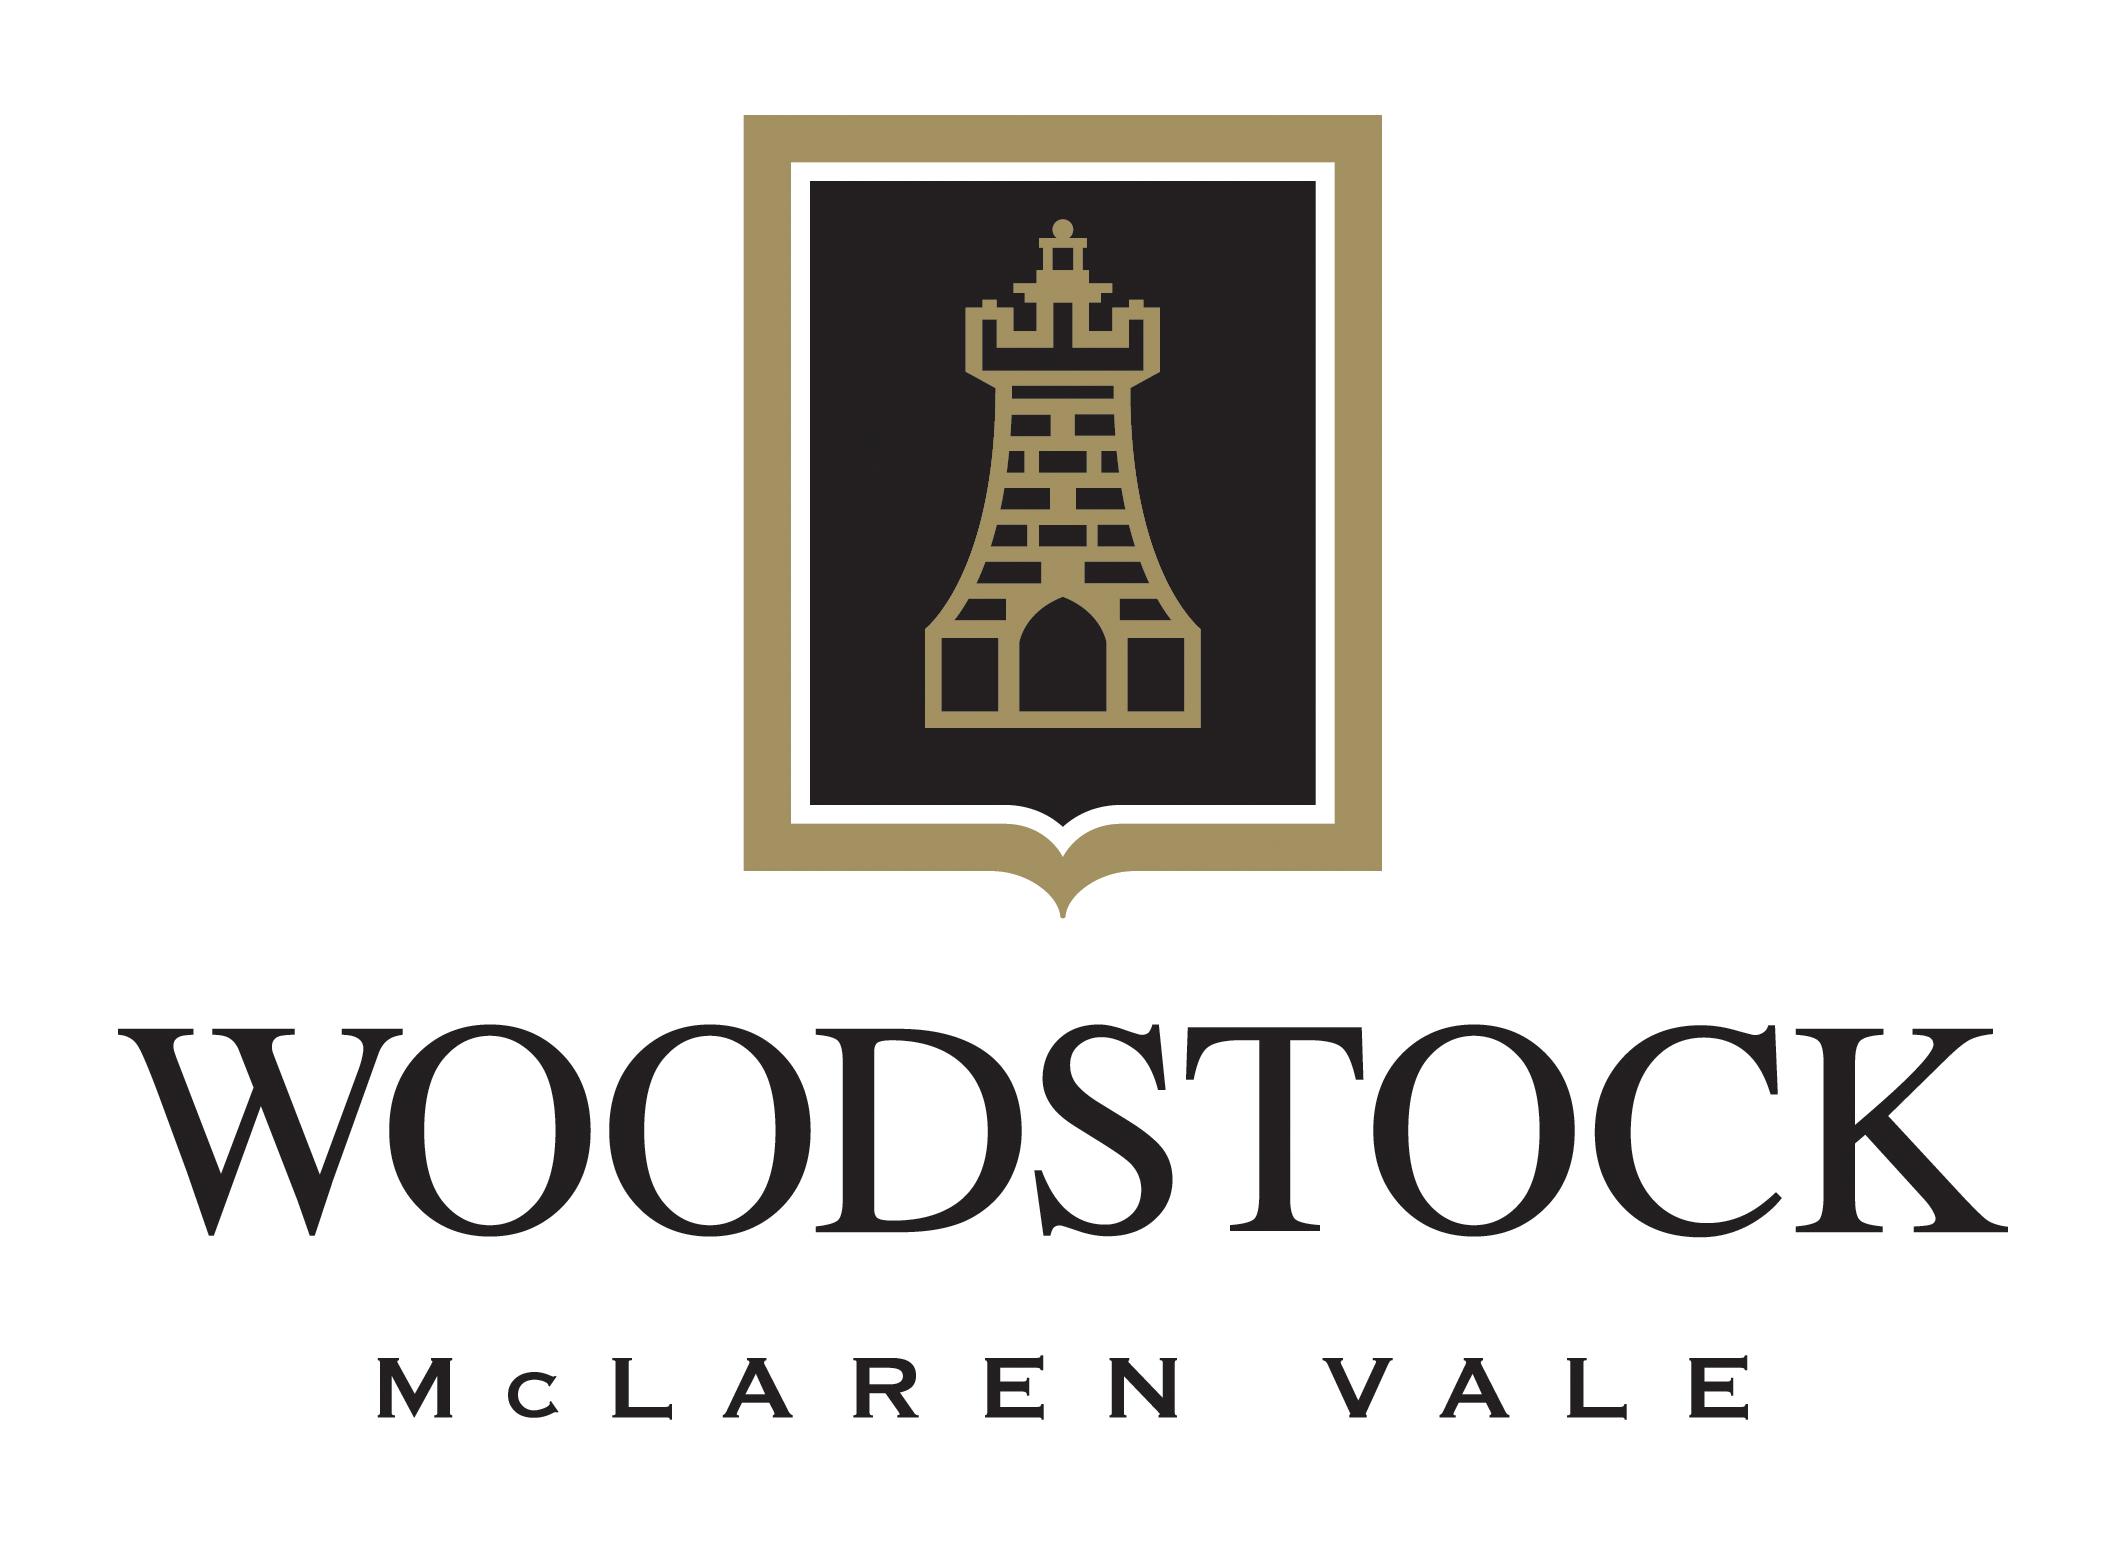 WDSTK-WoodLogo-transperant.png